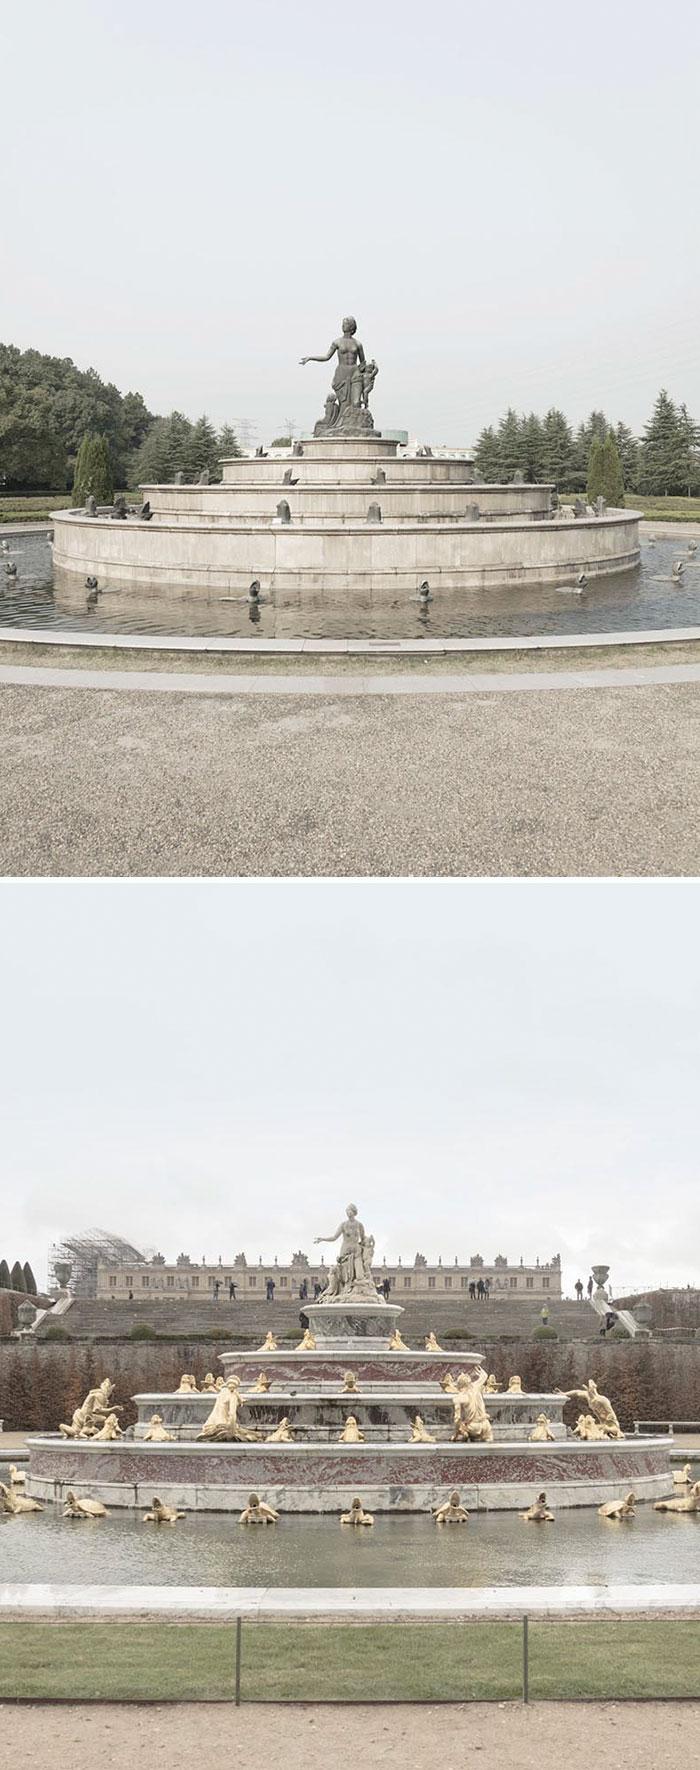 arquitectos-chinos-piratearon-ciudad-completa-paris-francia